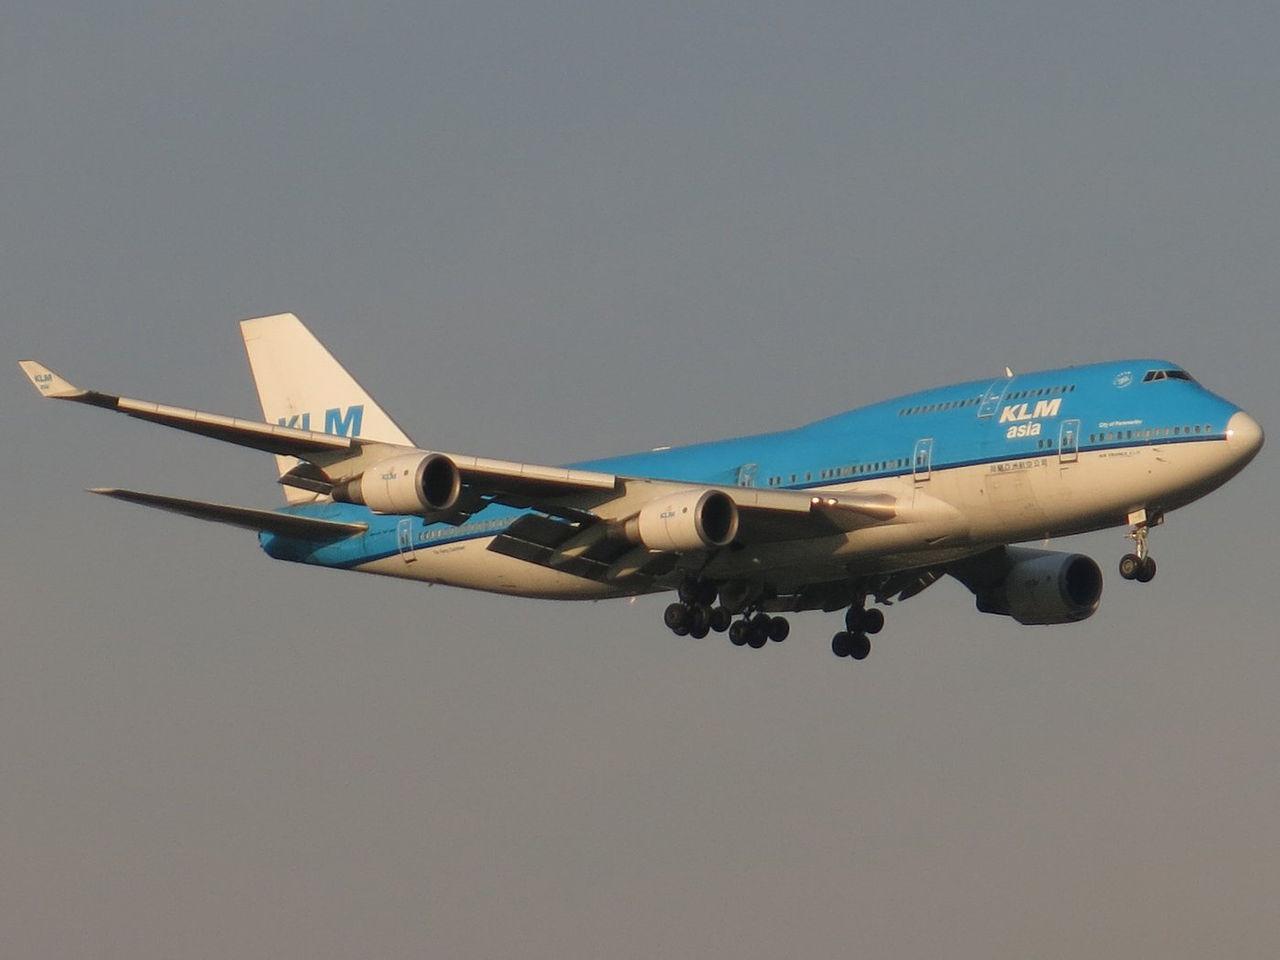 KLM, en.wikipedia.org